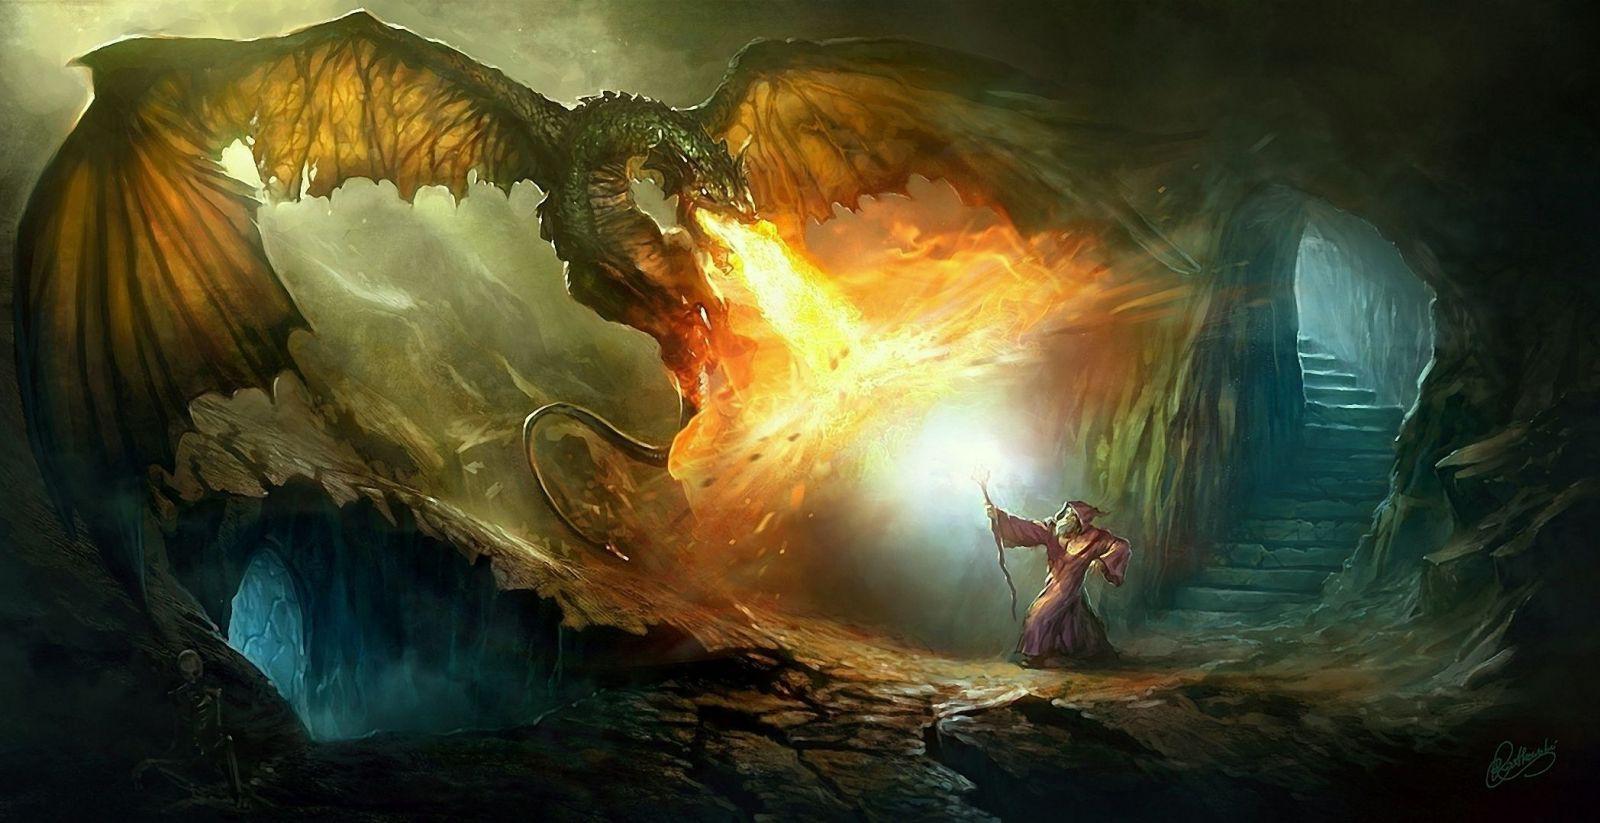 Hình ảnh ngọn lửa phun ra từ miệng rồng